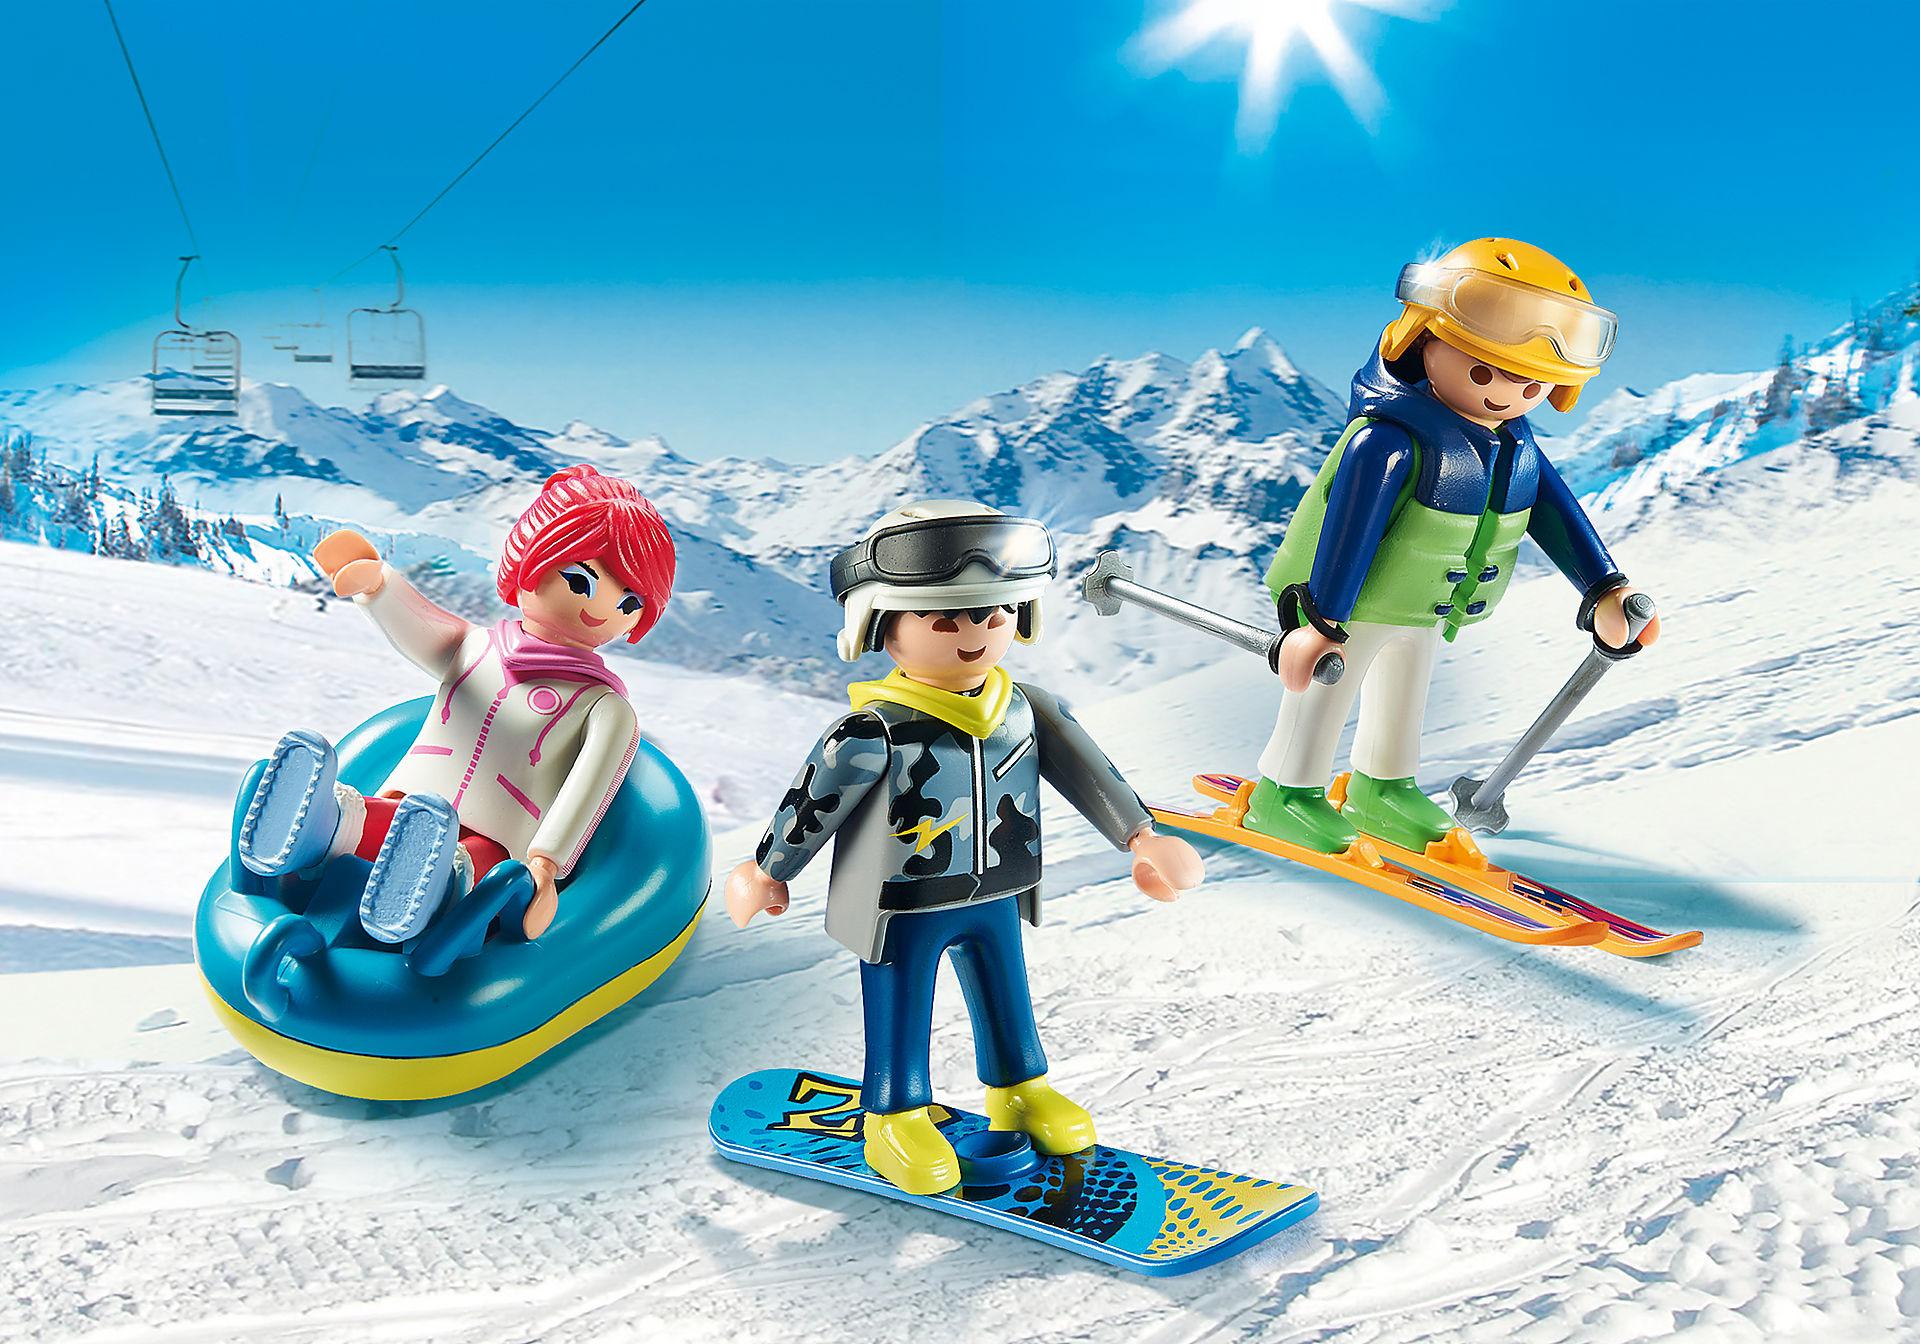 9286 Vacanciers aux sports d'hiver zoom image1